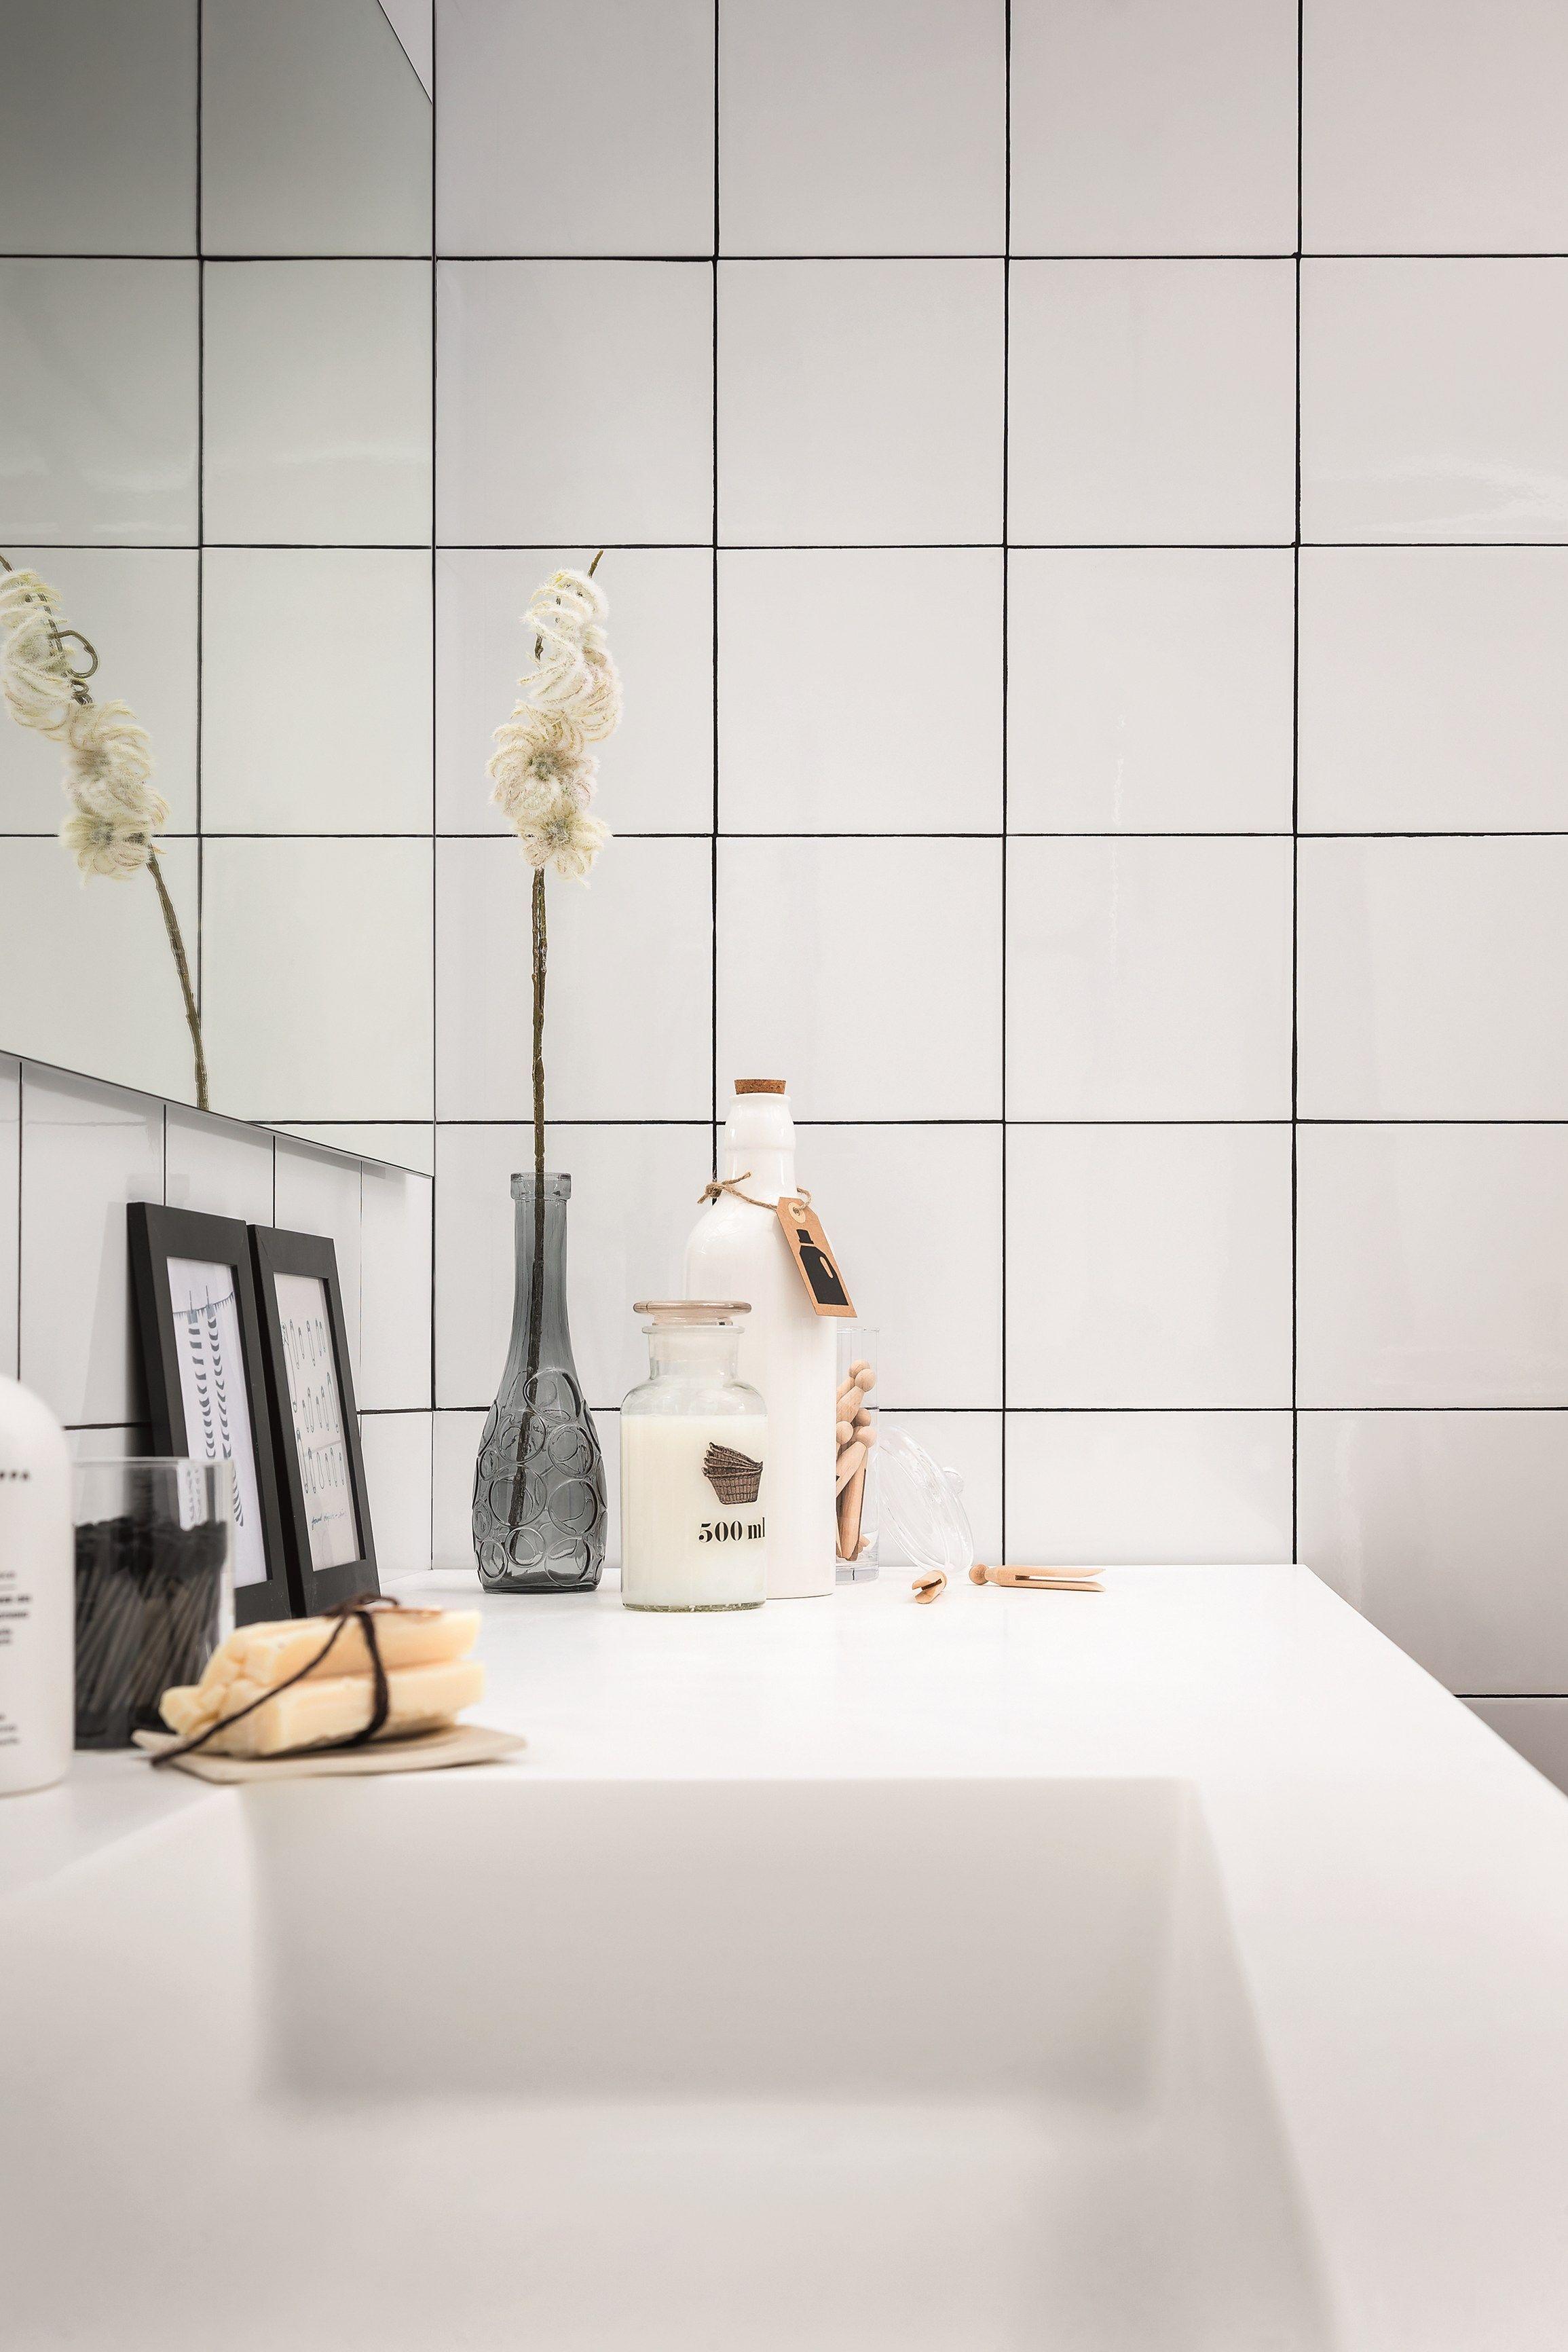 Waschküche Schrank Bnbnews.co